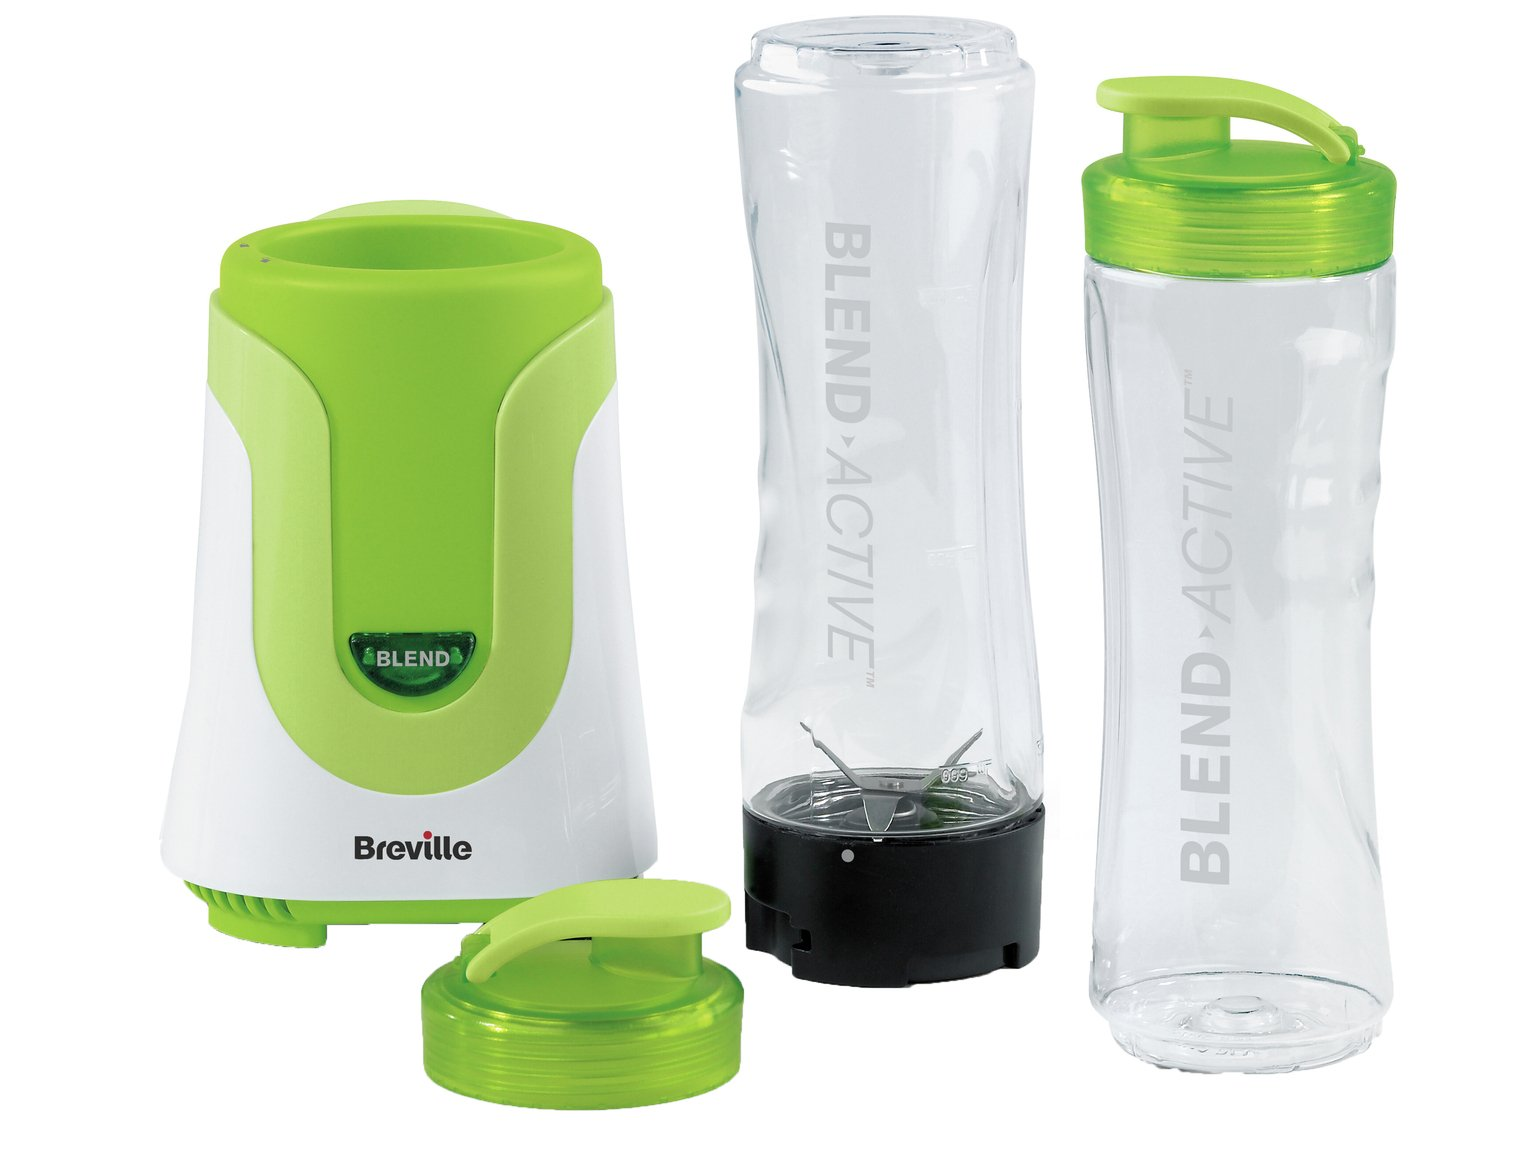 Breville - VBL062 Blend Active - Green